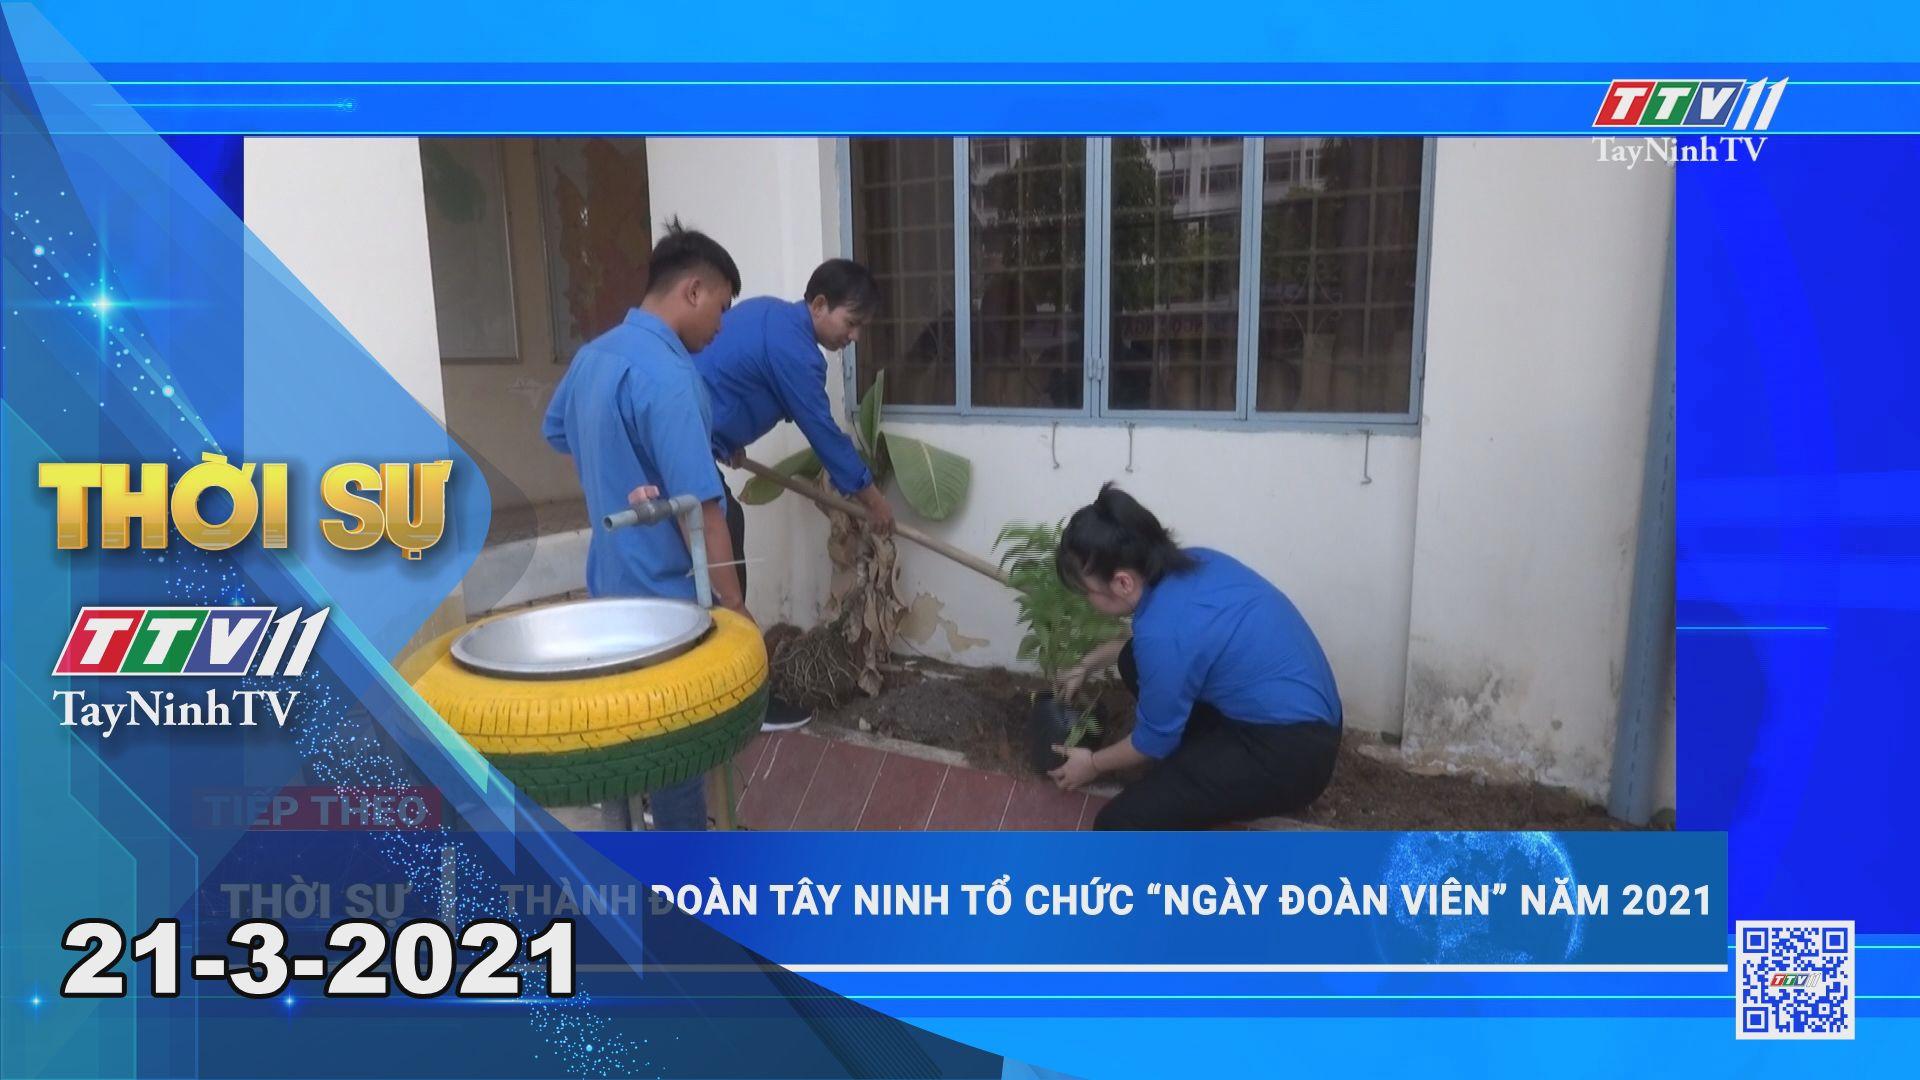 Thời sự Tây Ninh 21-3-2021 | Tin tức hôm nay | TayNinhTV